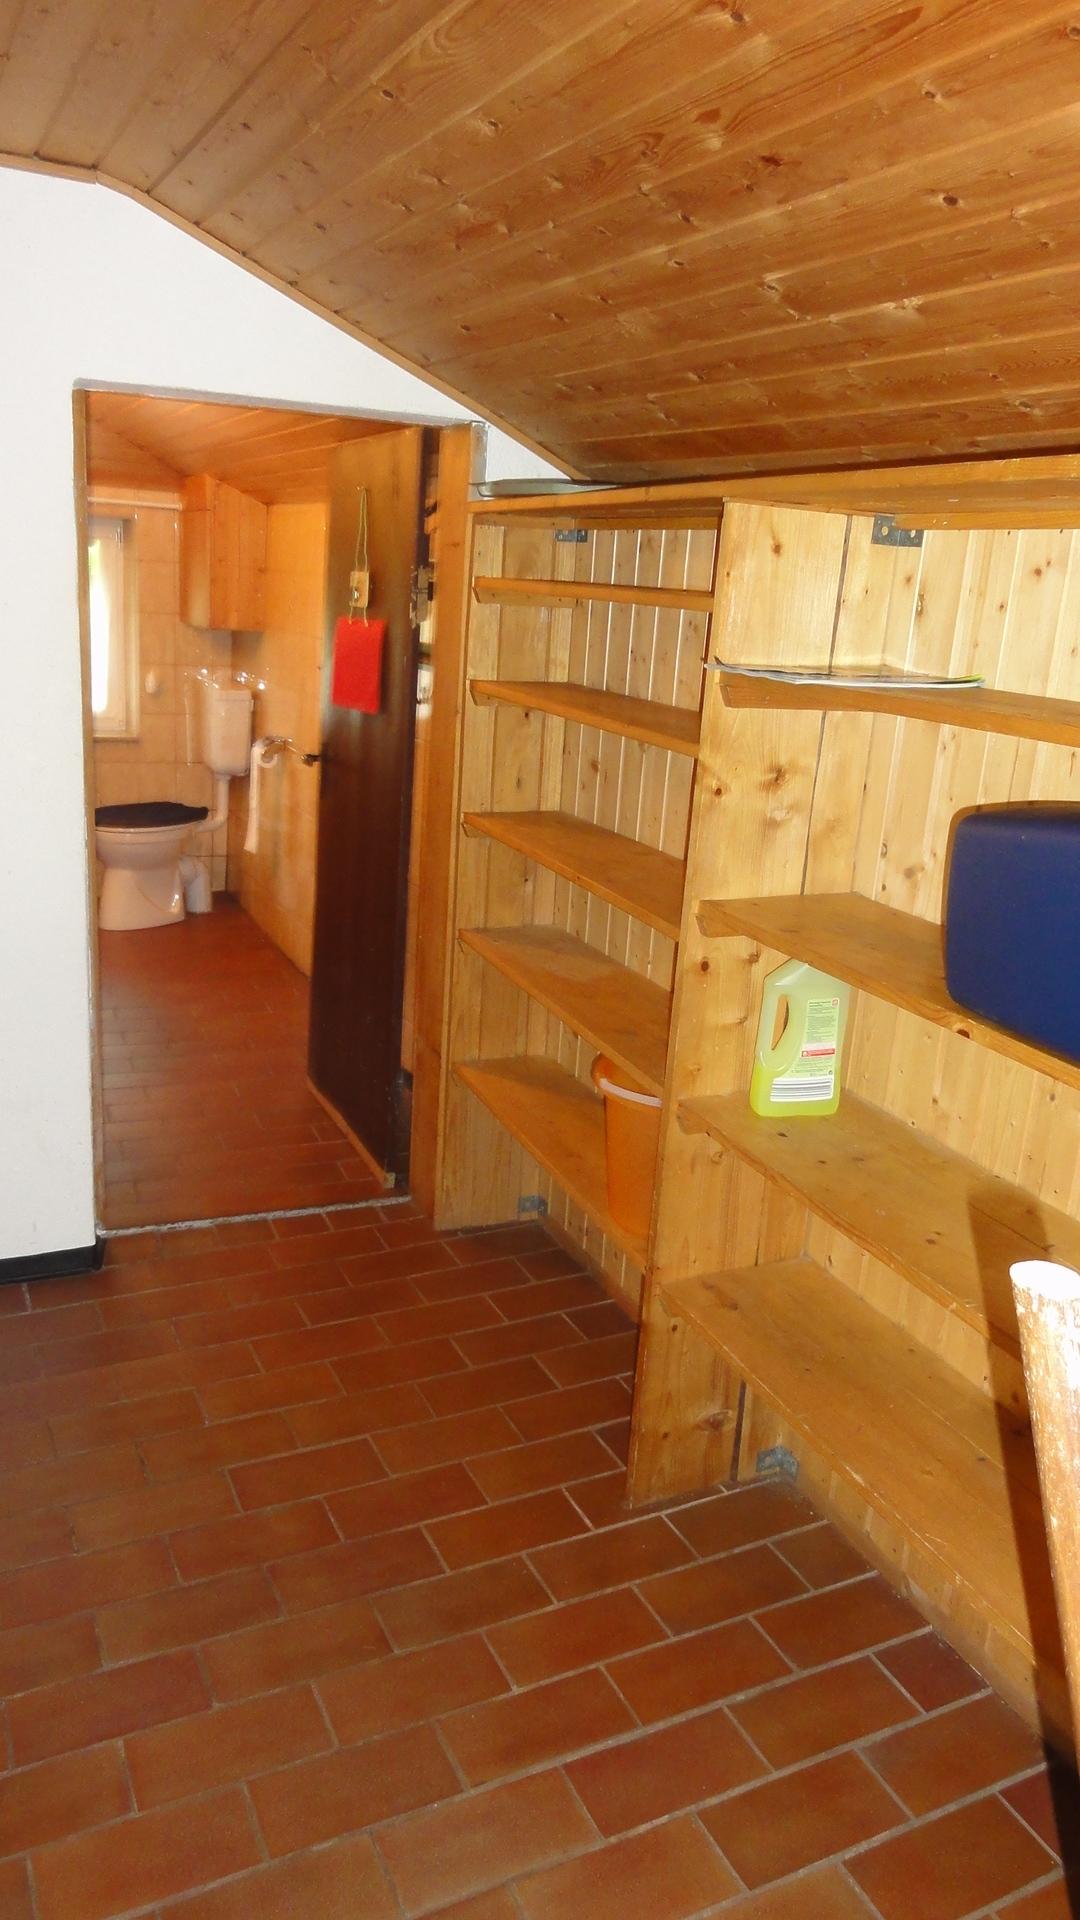 Vorratsregale im Vorraum für Schuhe und Vorräte